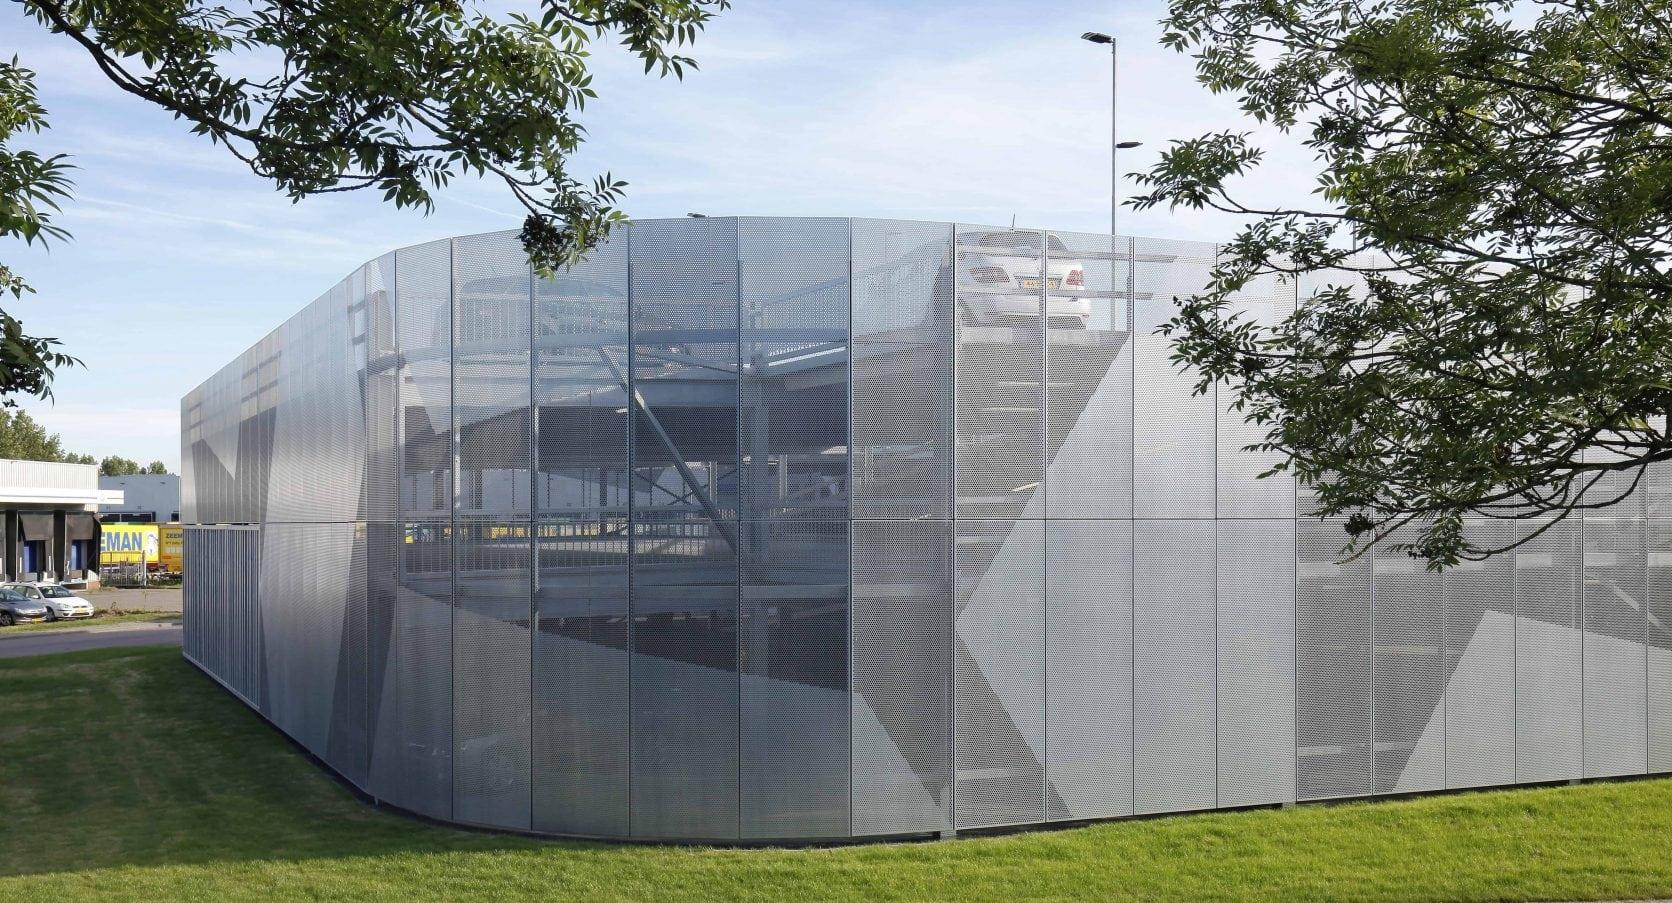 Parkeergarage Zeeman in Alphen a/d Rijn voorzien van gevelbekleding met MD Designperforatie